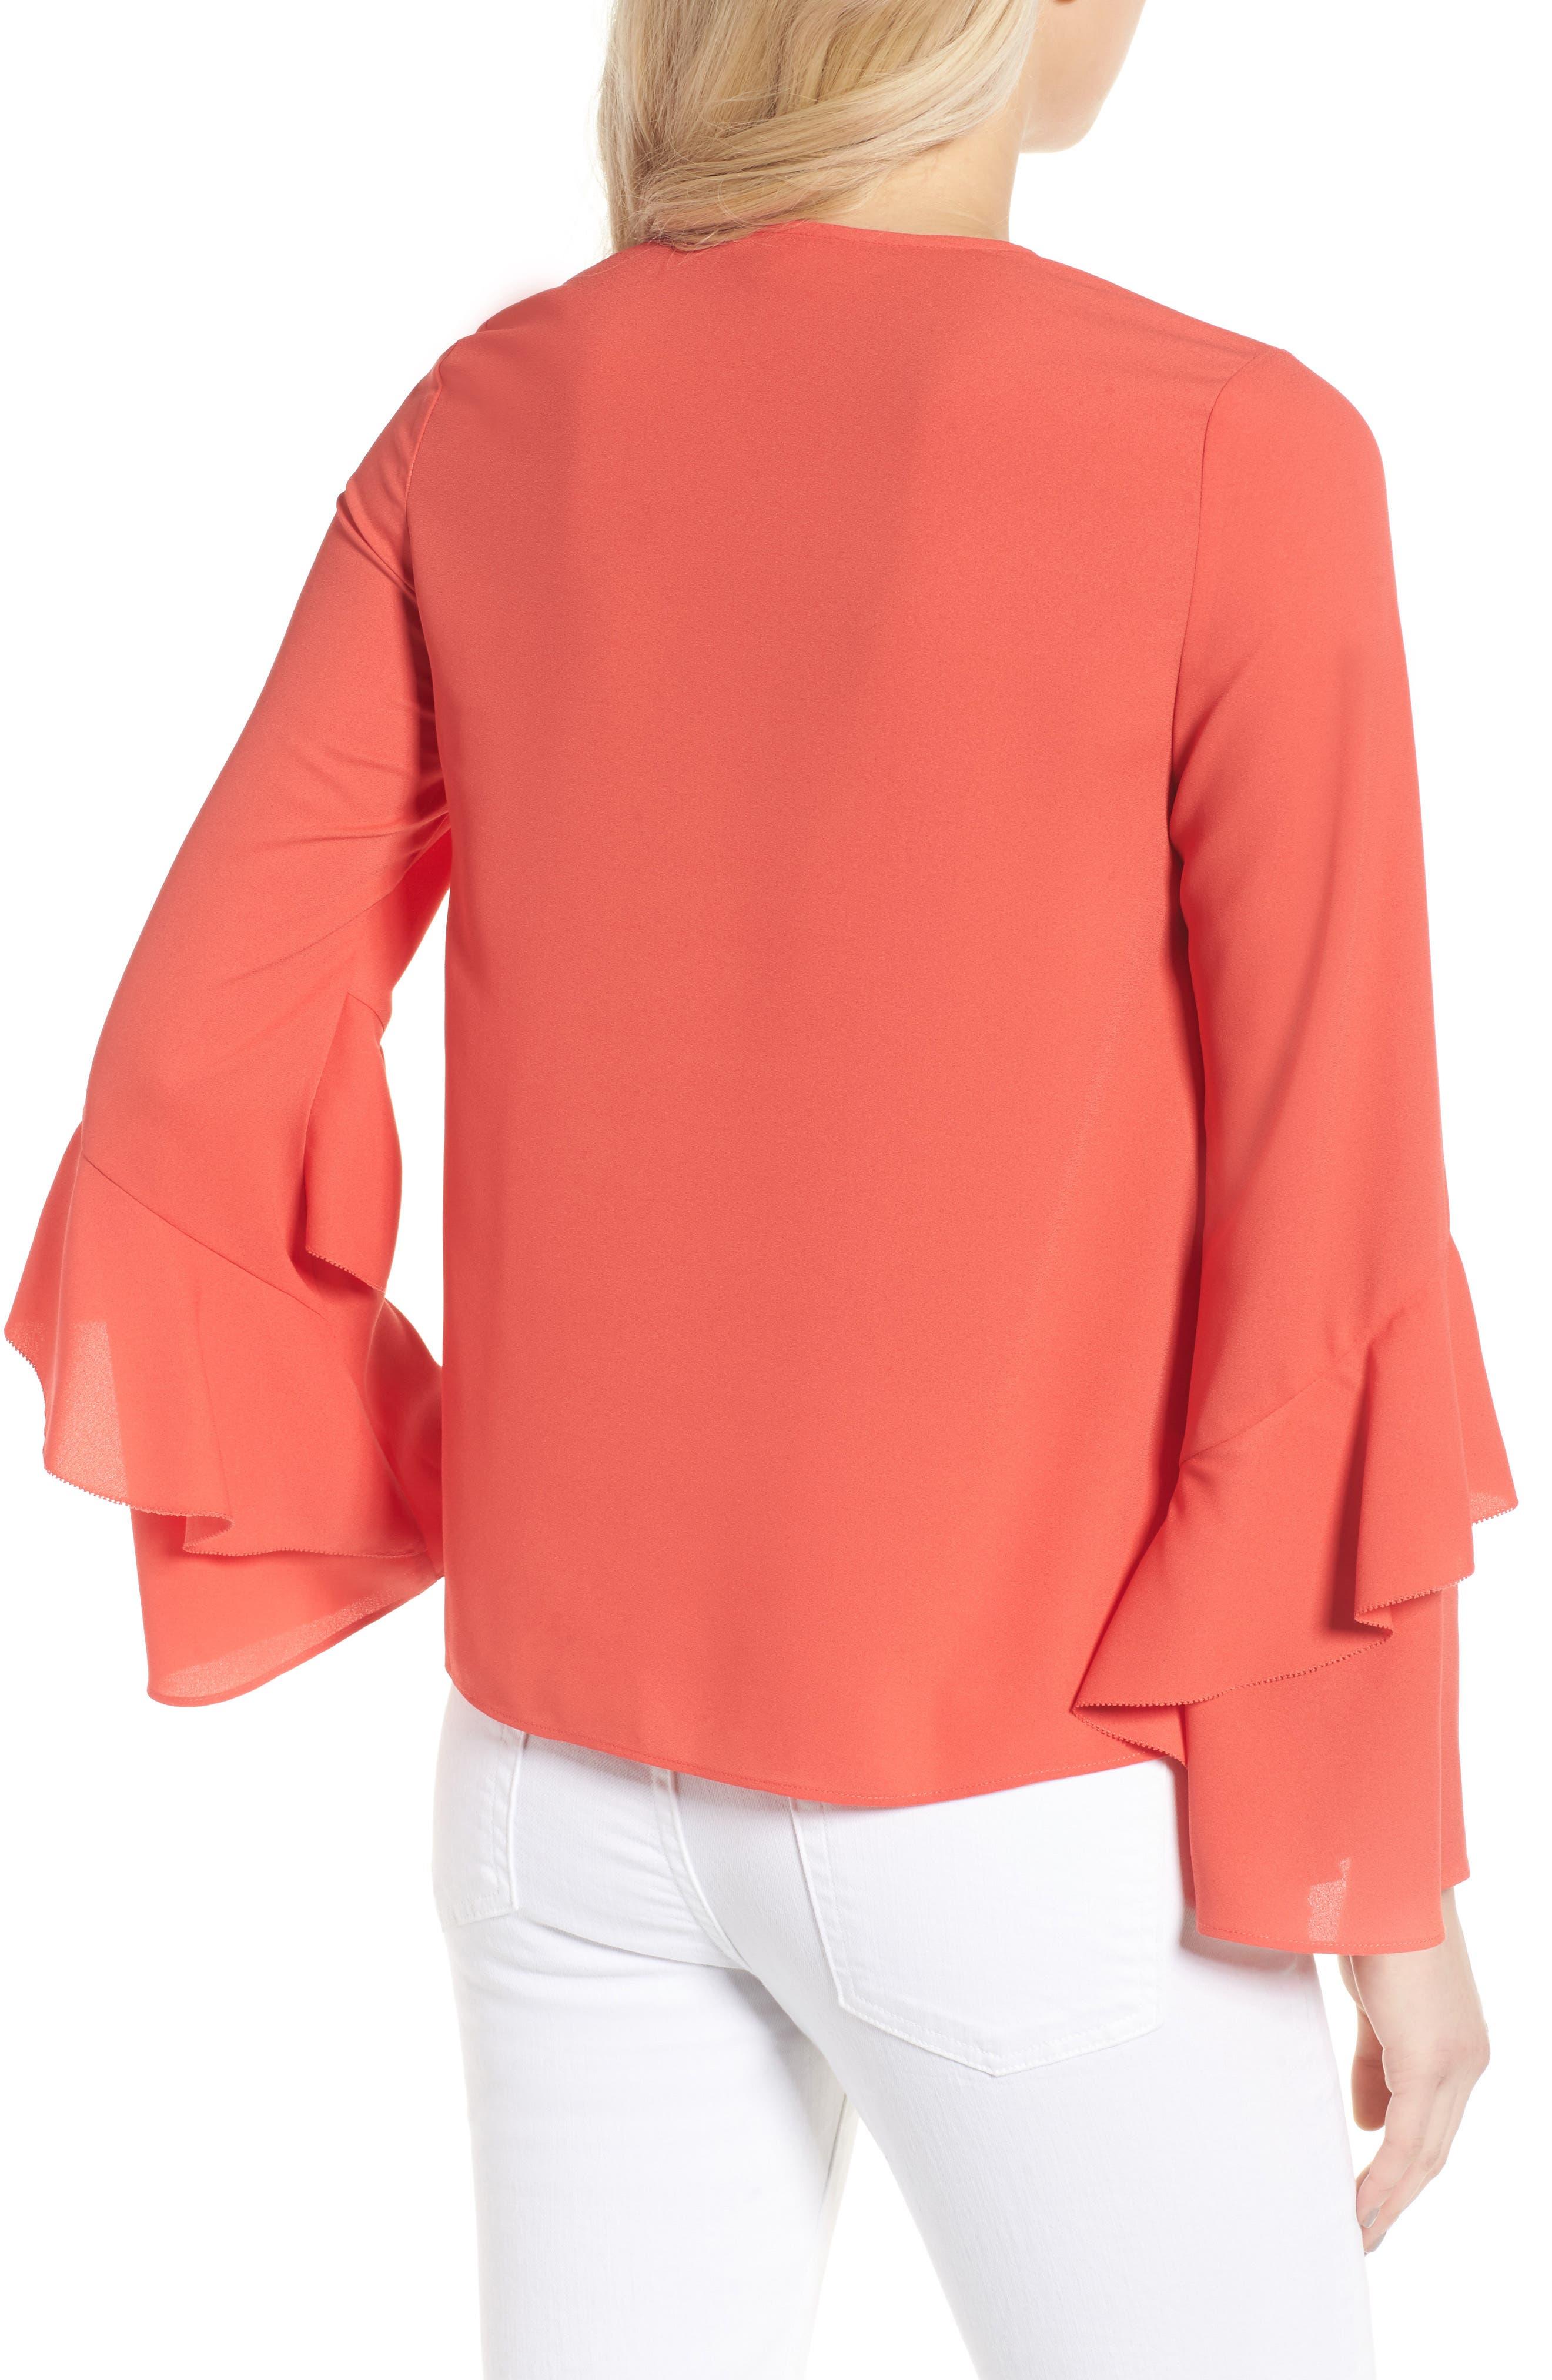 Agatha Ruffle Blouse,                             Alternate thumbnail 2, color,                             Orange